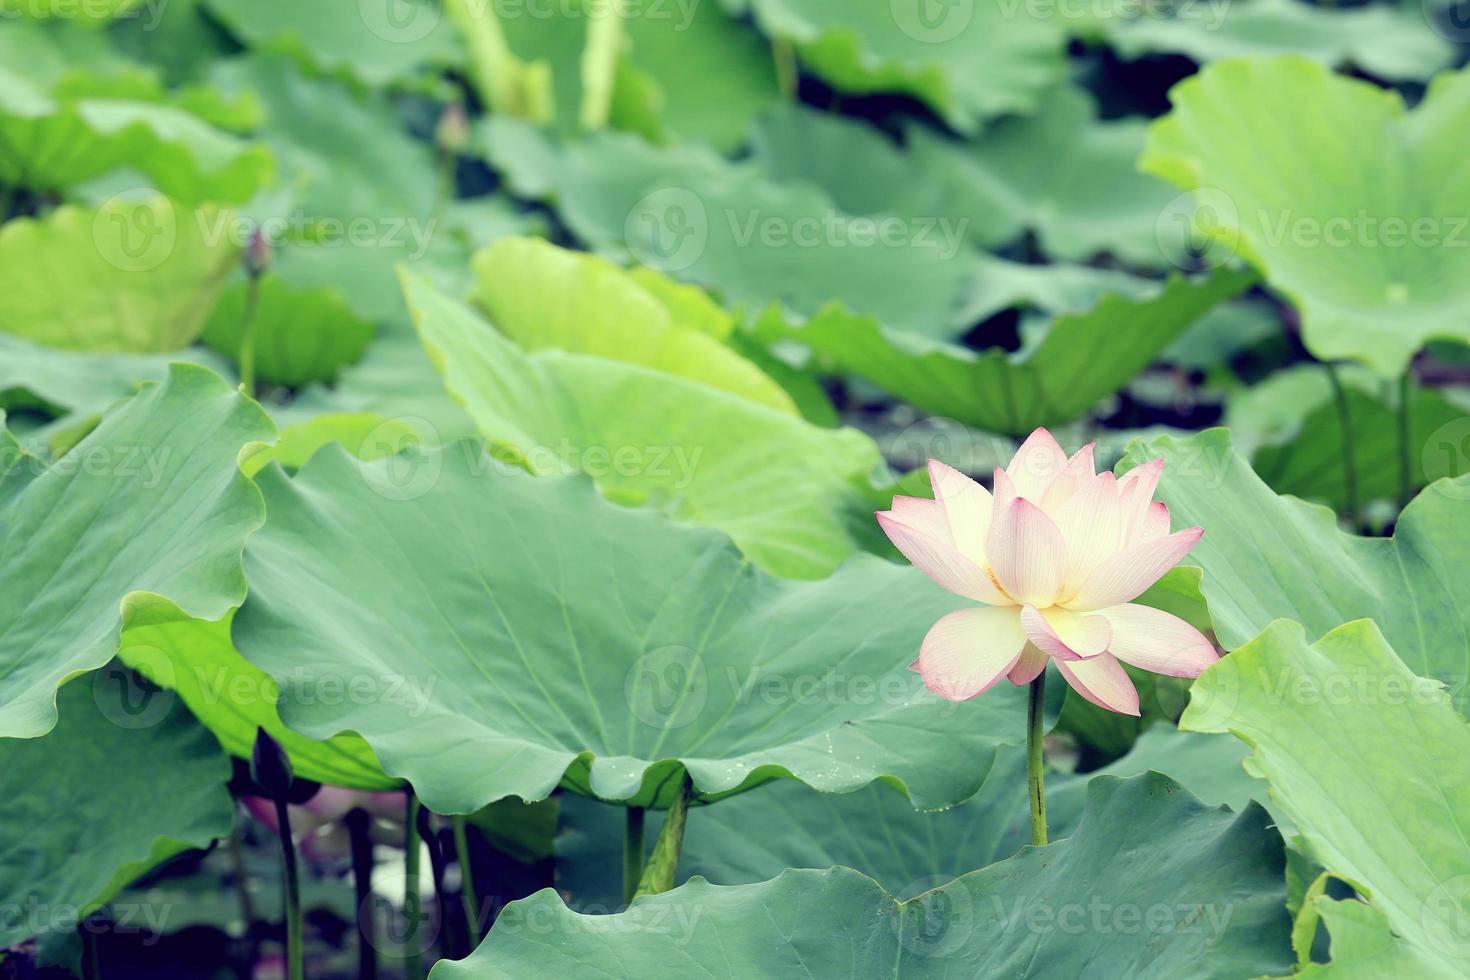 bellissimi fiori di loto in fiore allo stagno foto